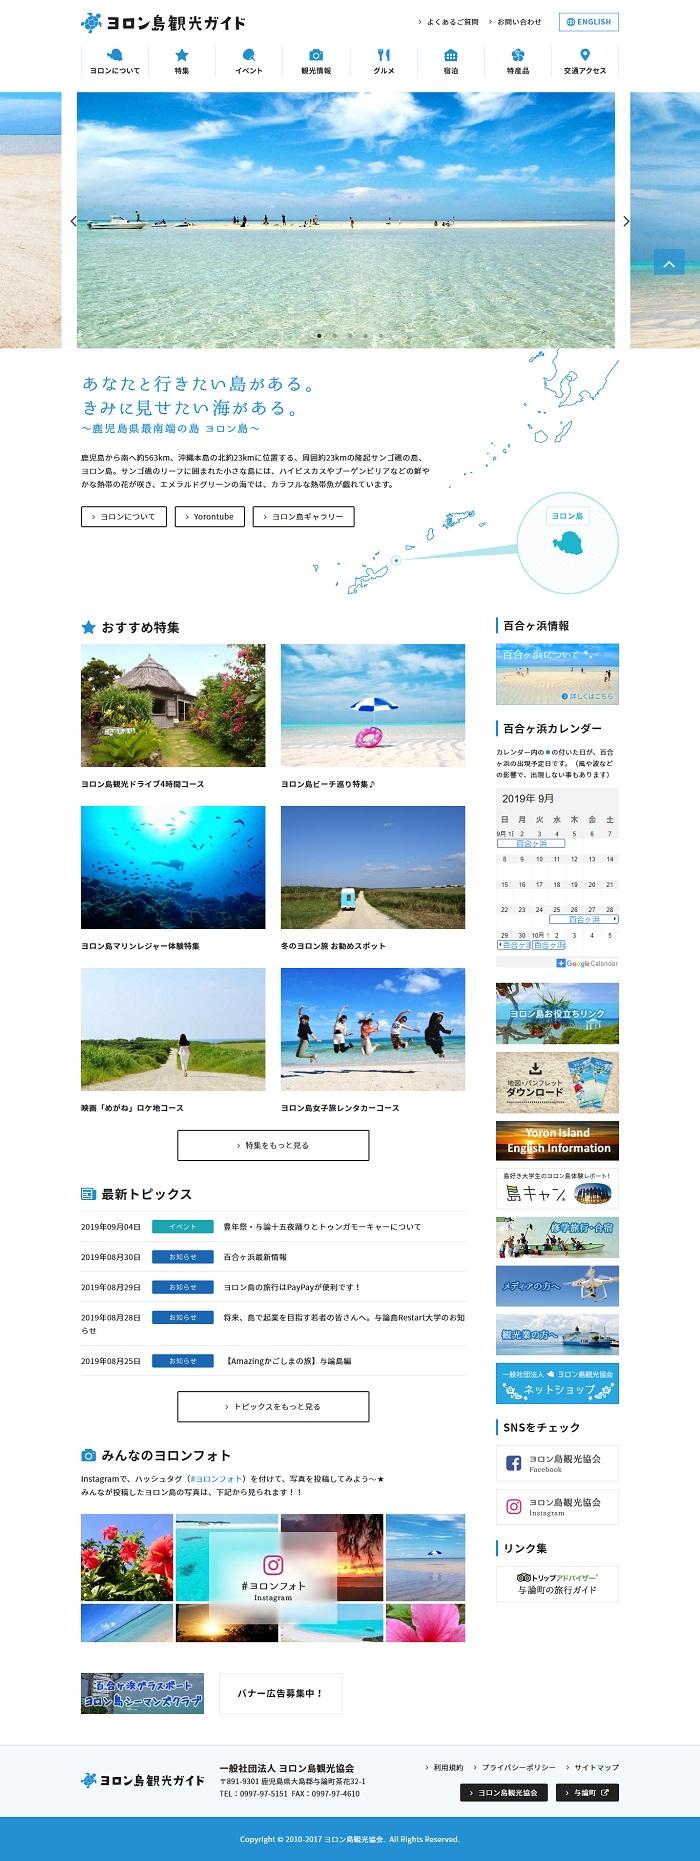 観光情報 | ヨロン島観光ガイド